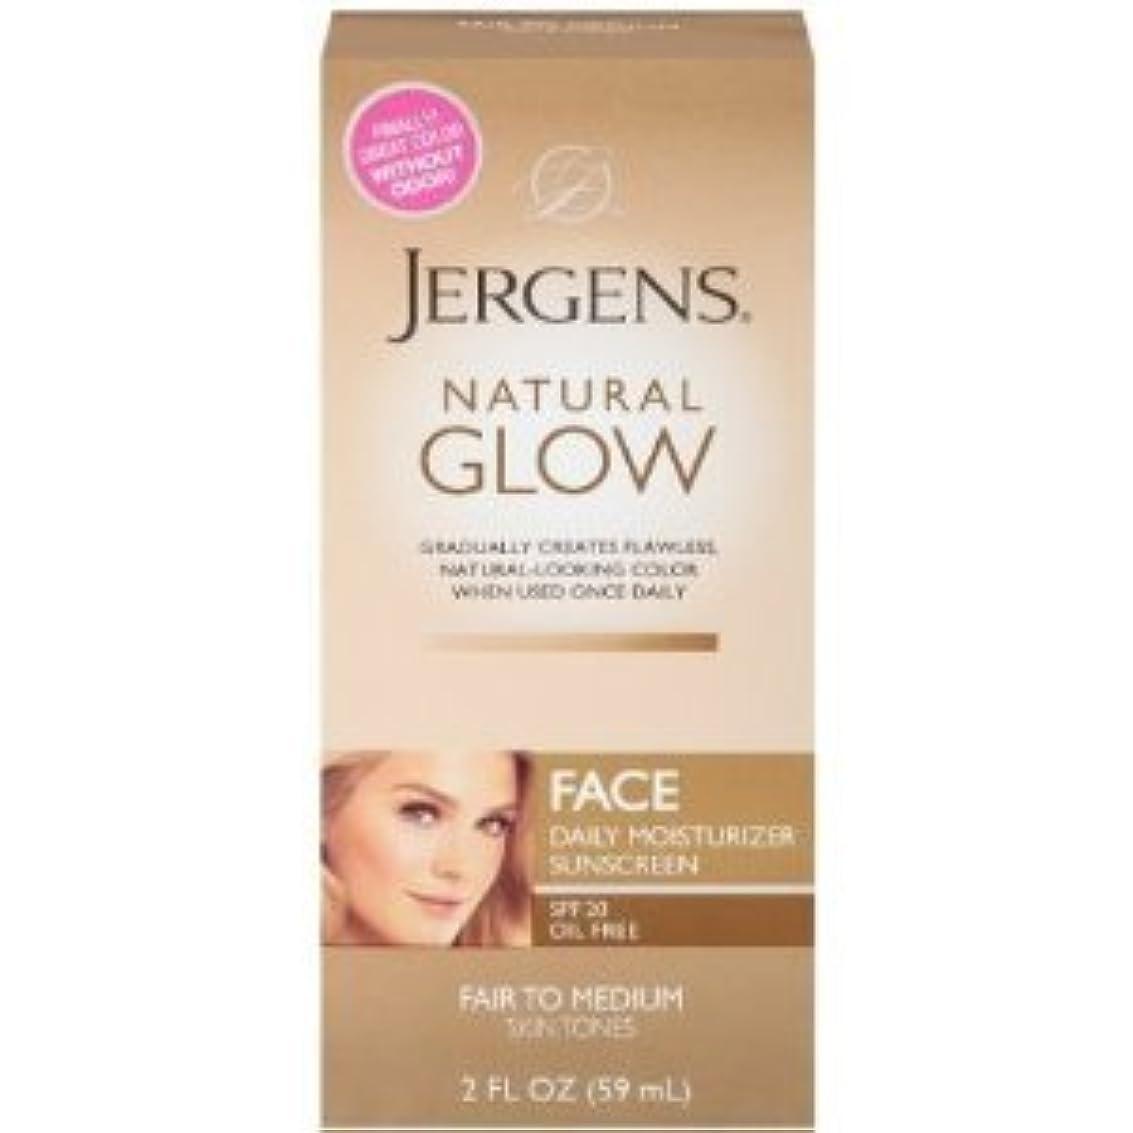 地中海そこから亜熱帯Natural Glow Healthy Complexion Daily Facial Moisturizer, SPF 20, Fair to Medium Tan, (59ml) (海外直送品)